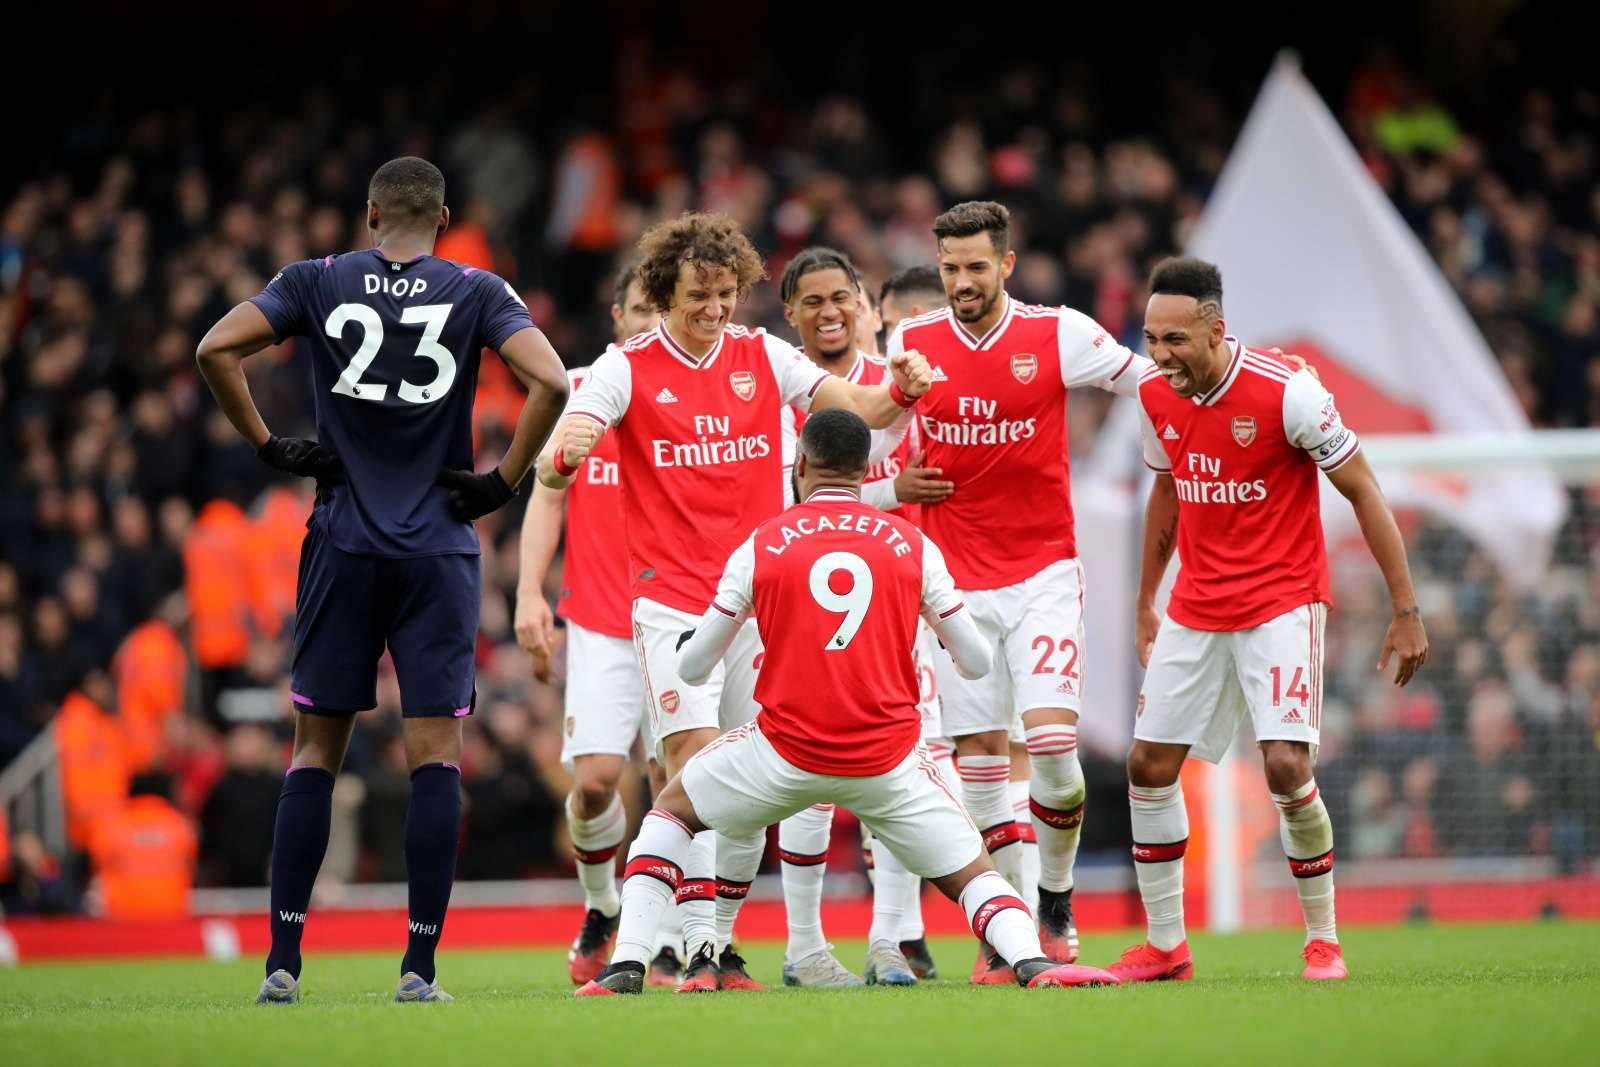 Худший сезон «Арсенала», невероятные «клинки» и революция в «Тоттенхэме»